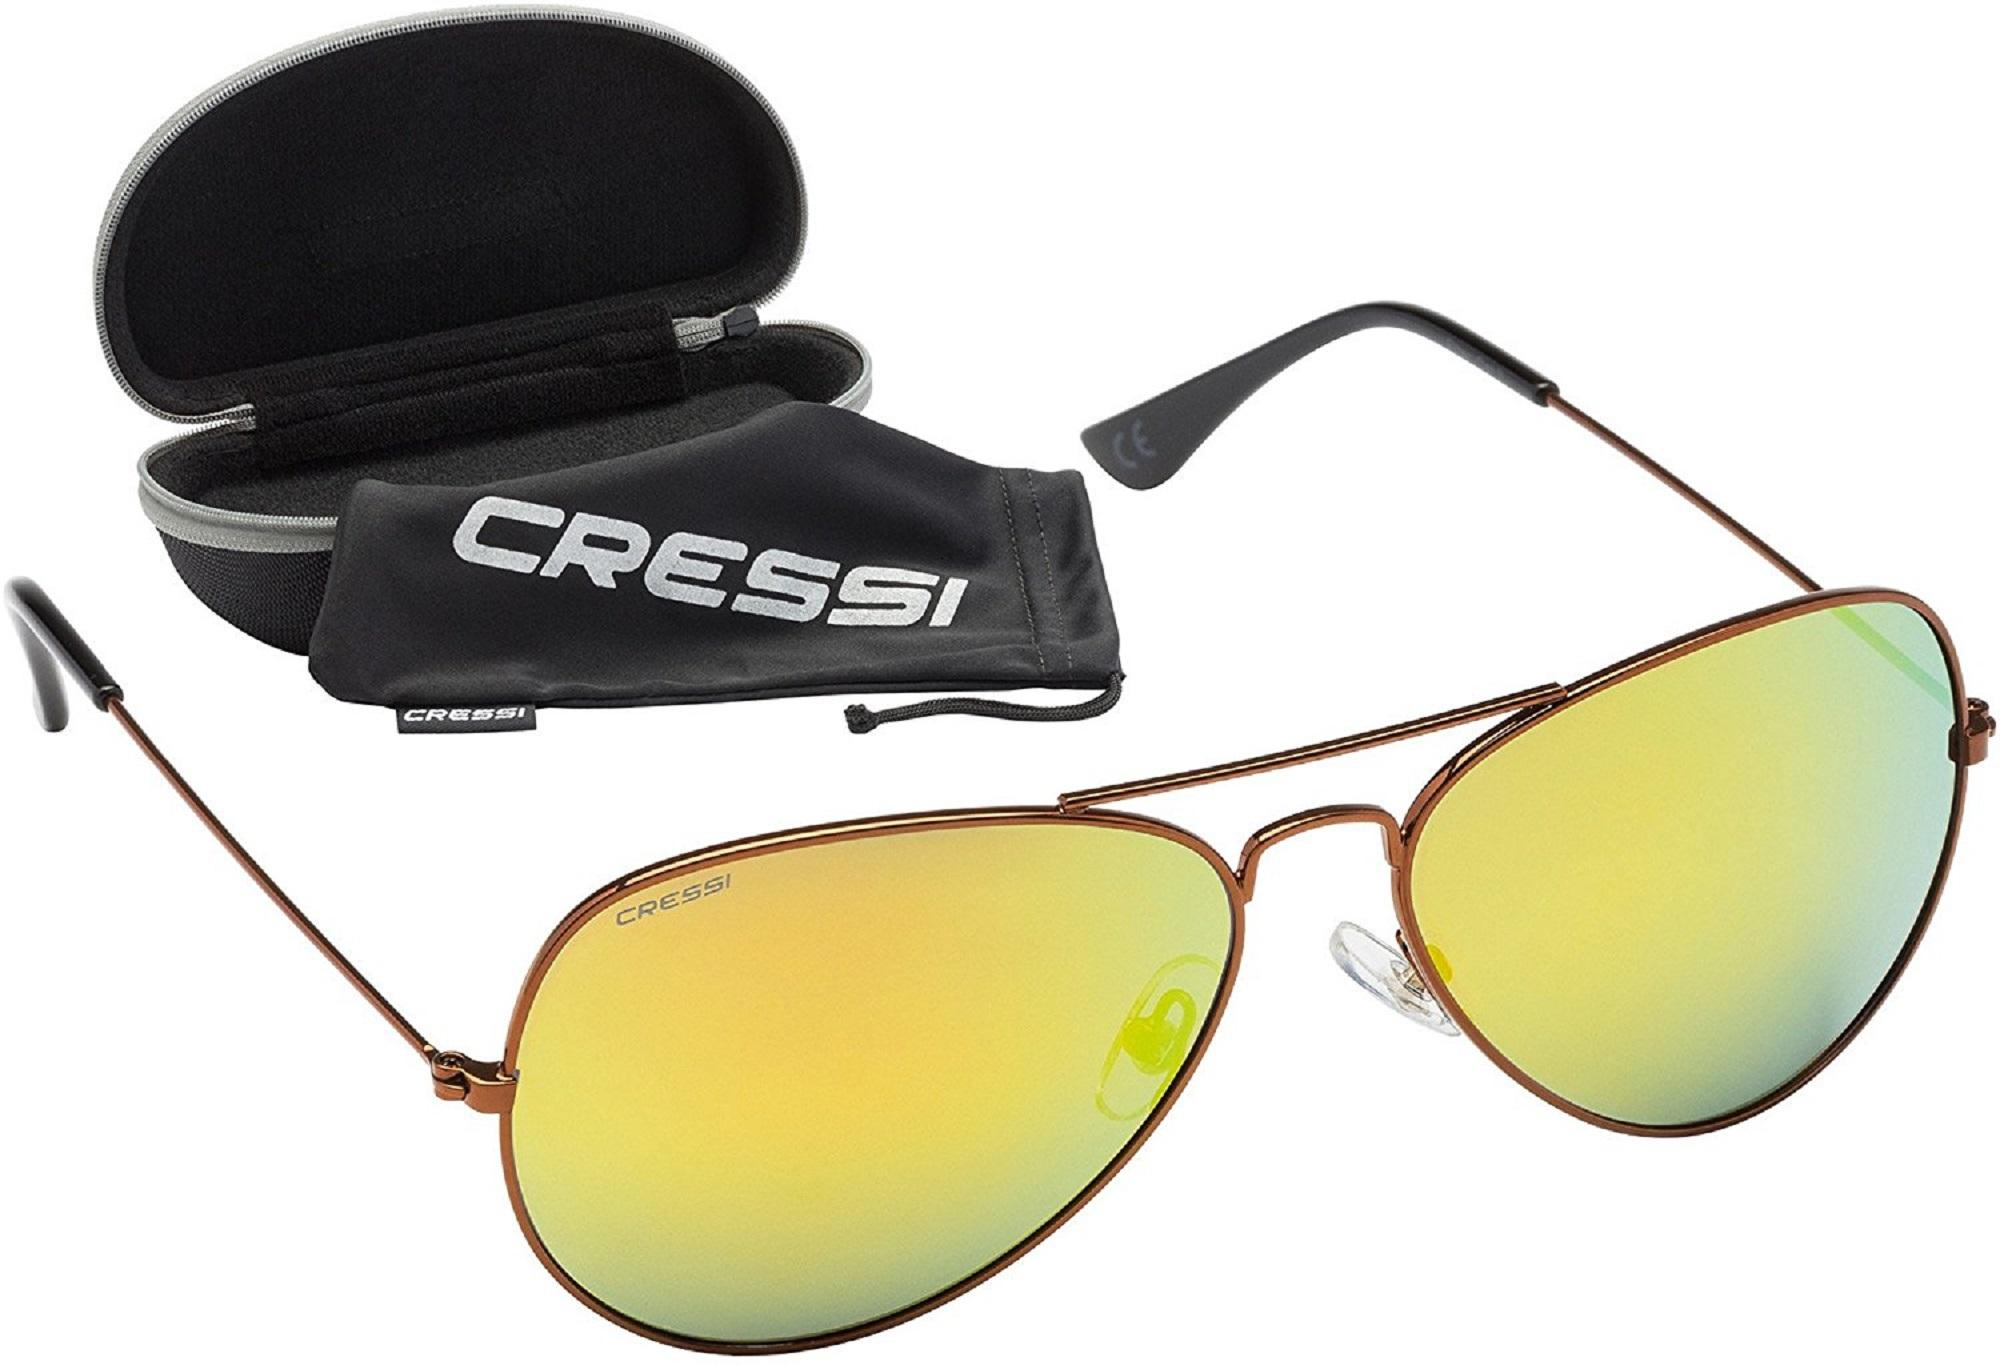 Cressi Nevada Sonnenbrille, Schwarz/Grau Linses, One Size